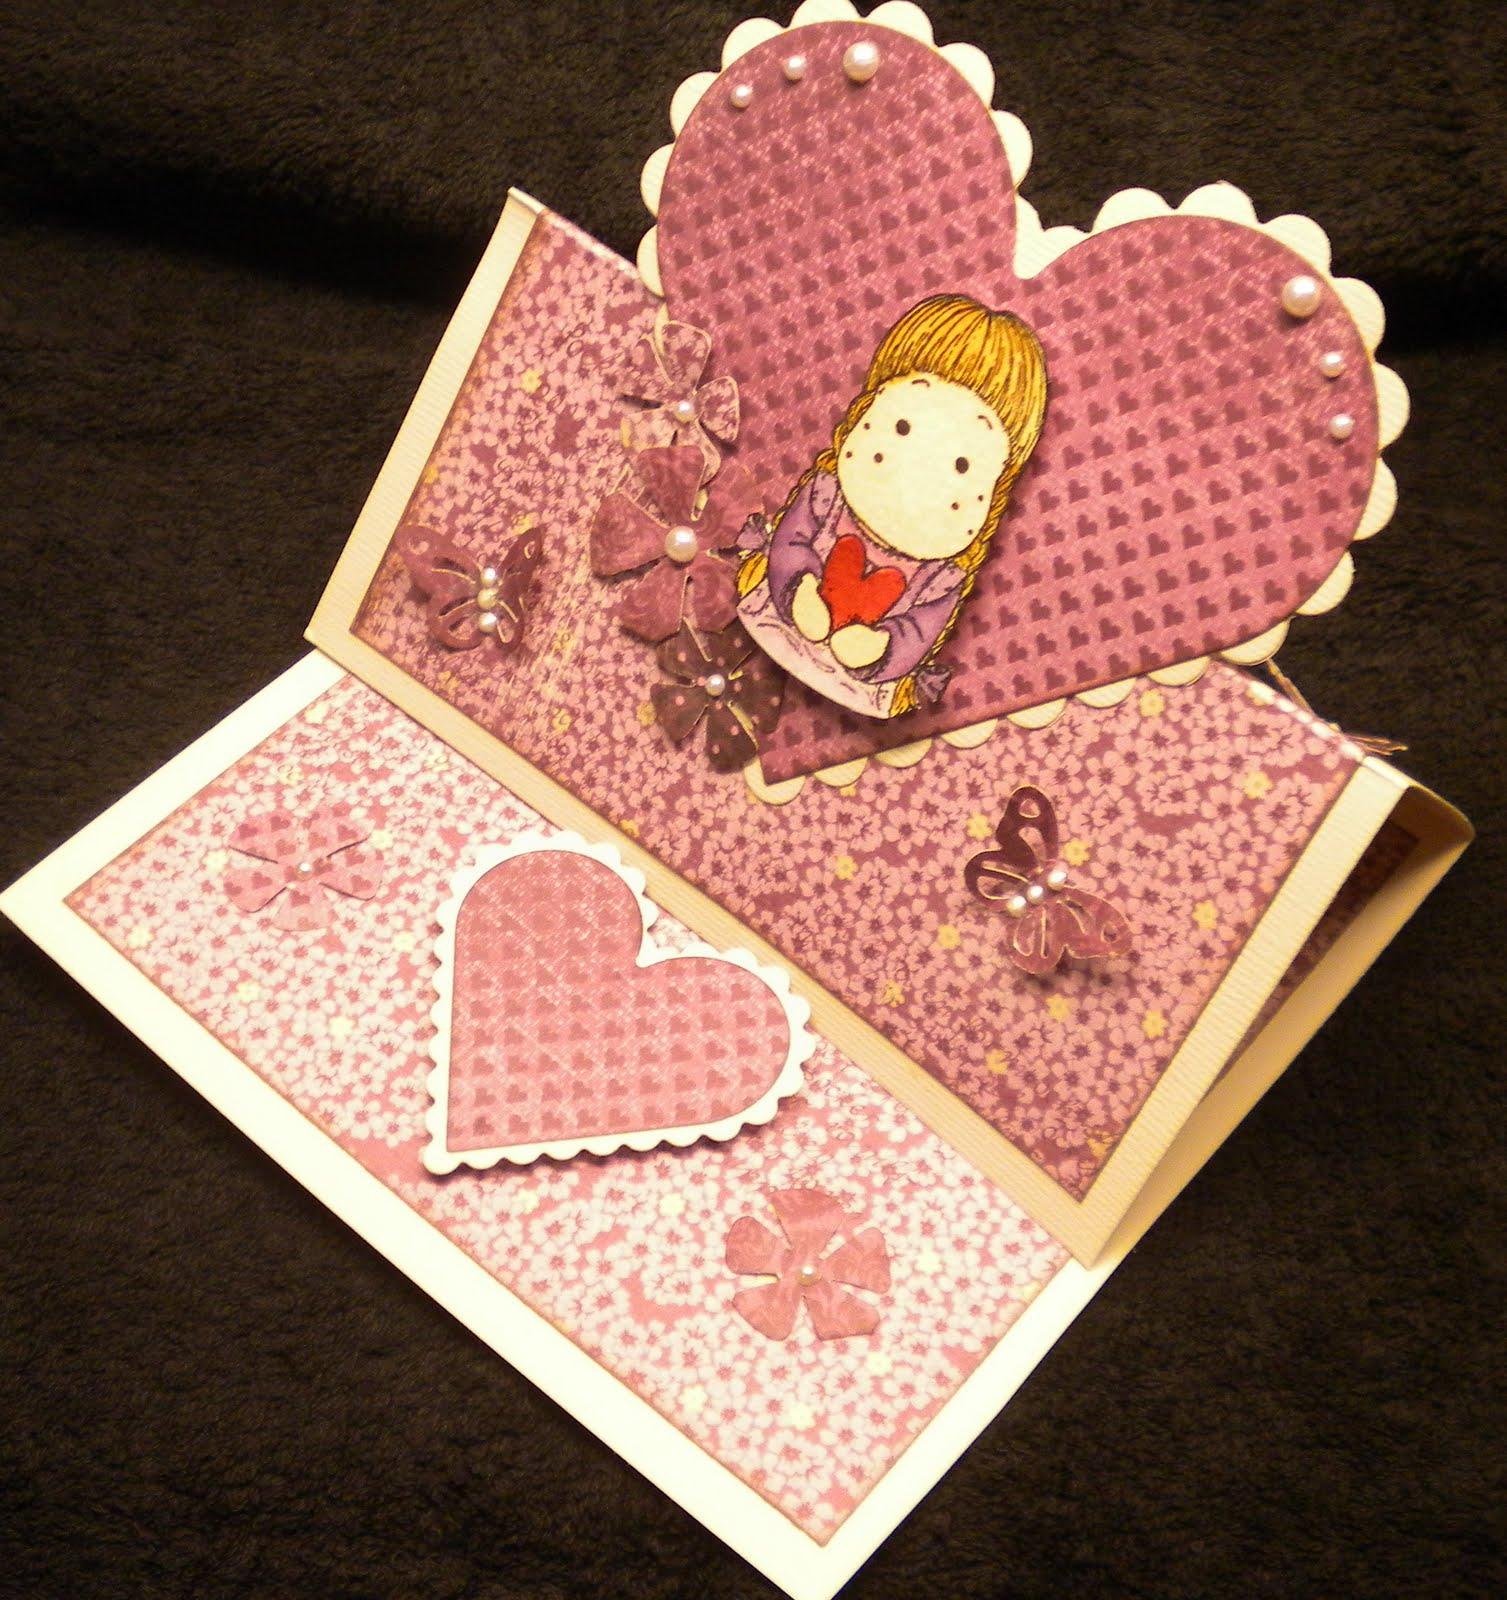 alla hjärtans kort